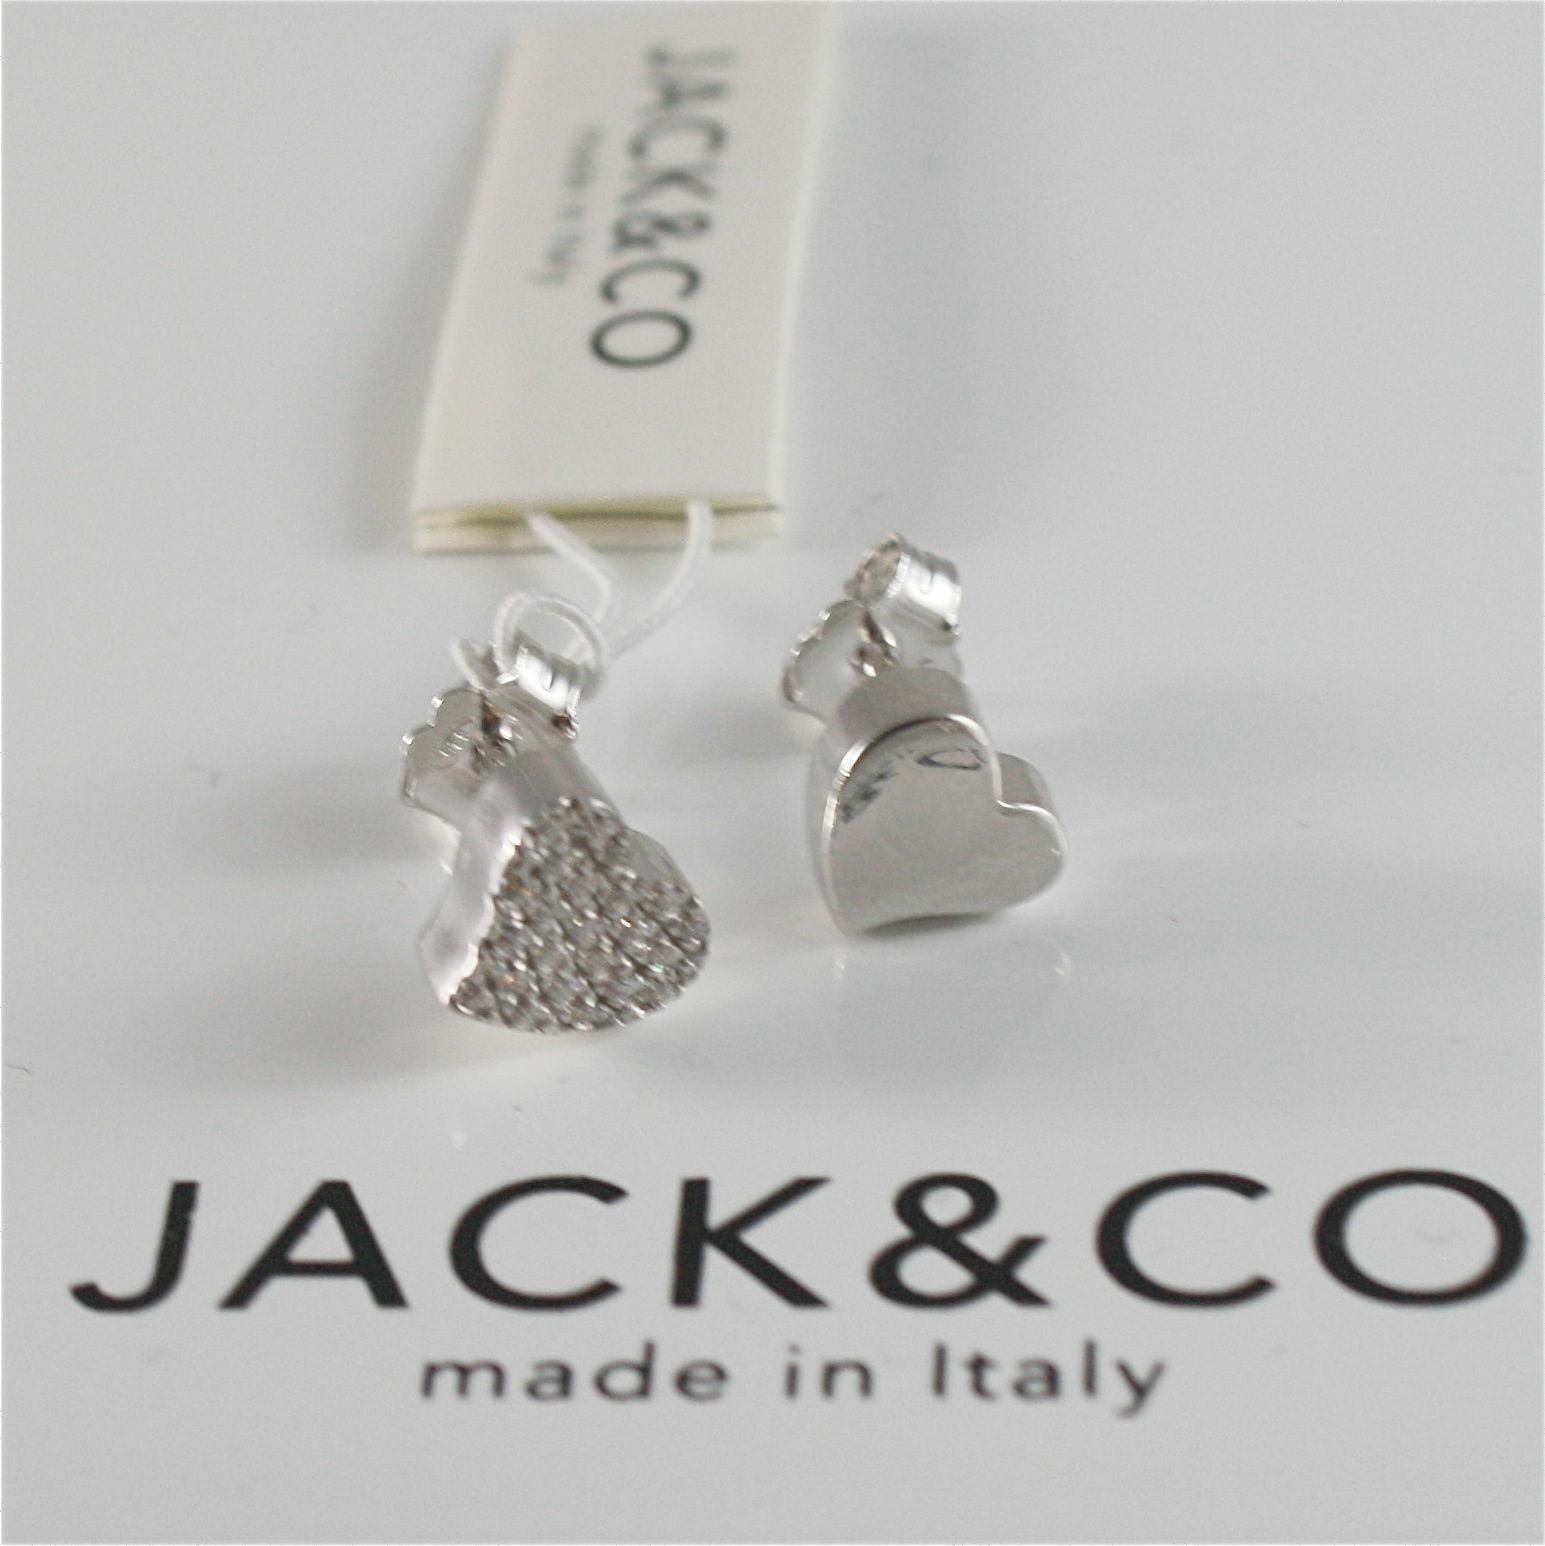 Silver Earrings 925 Jack&co with Heart Love with Zircon Cubic JCE0454